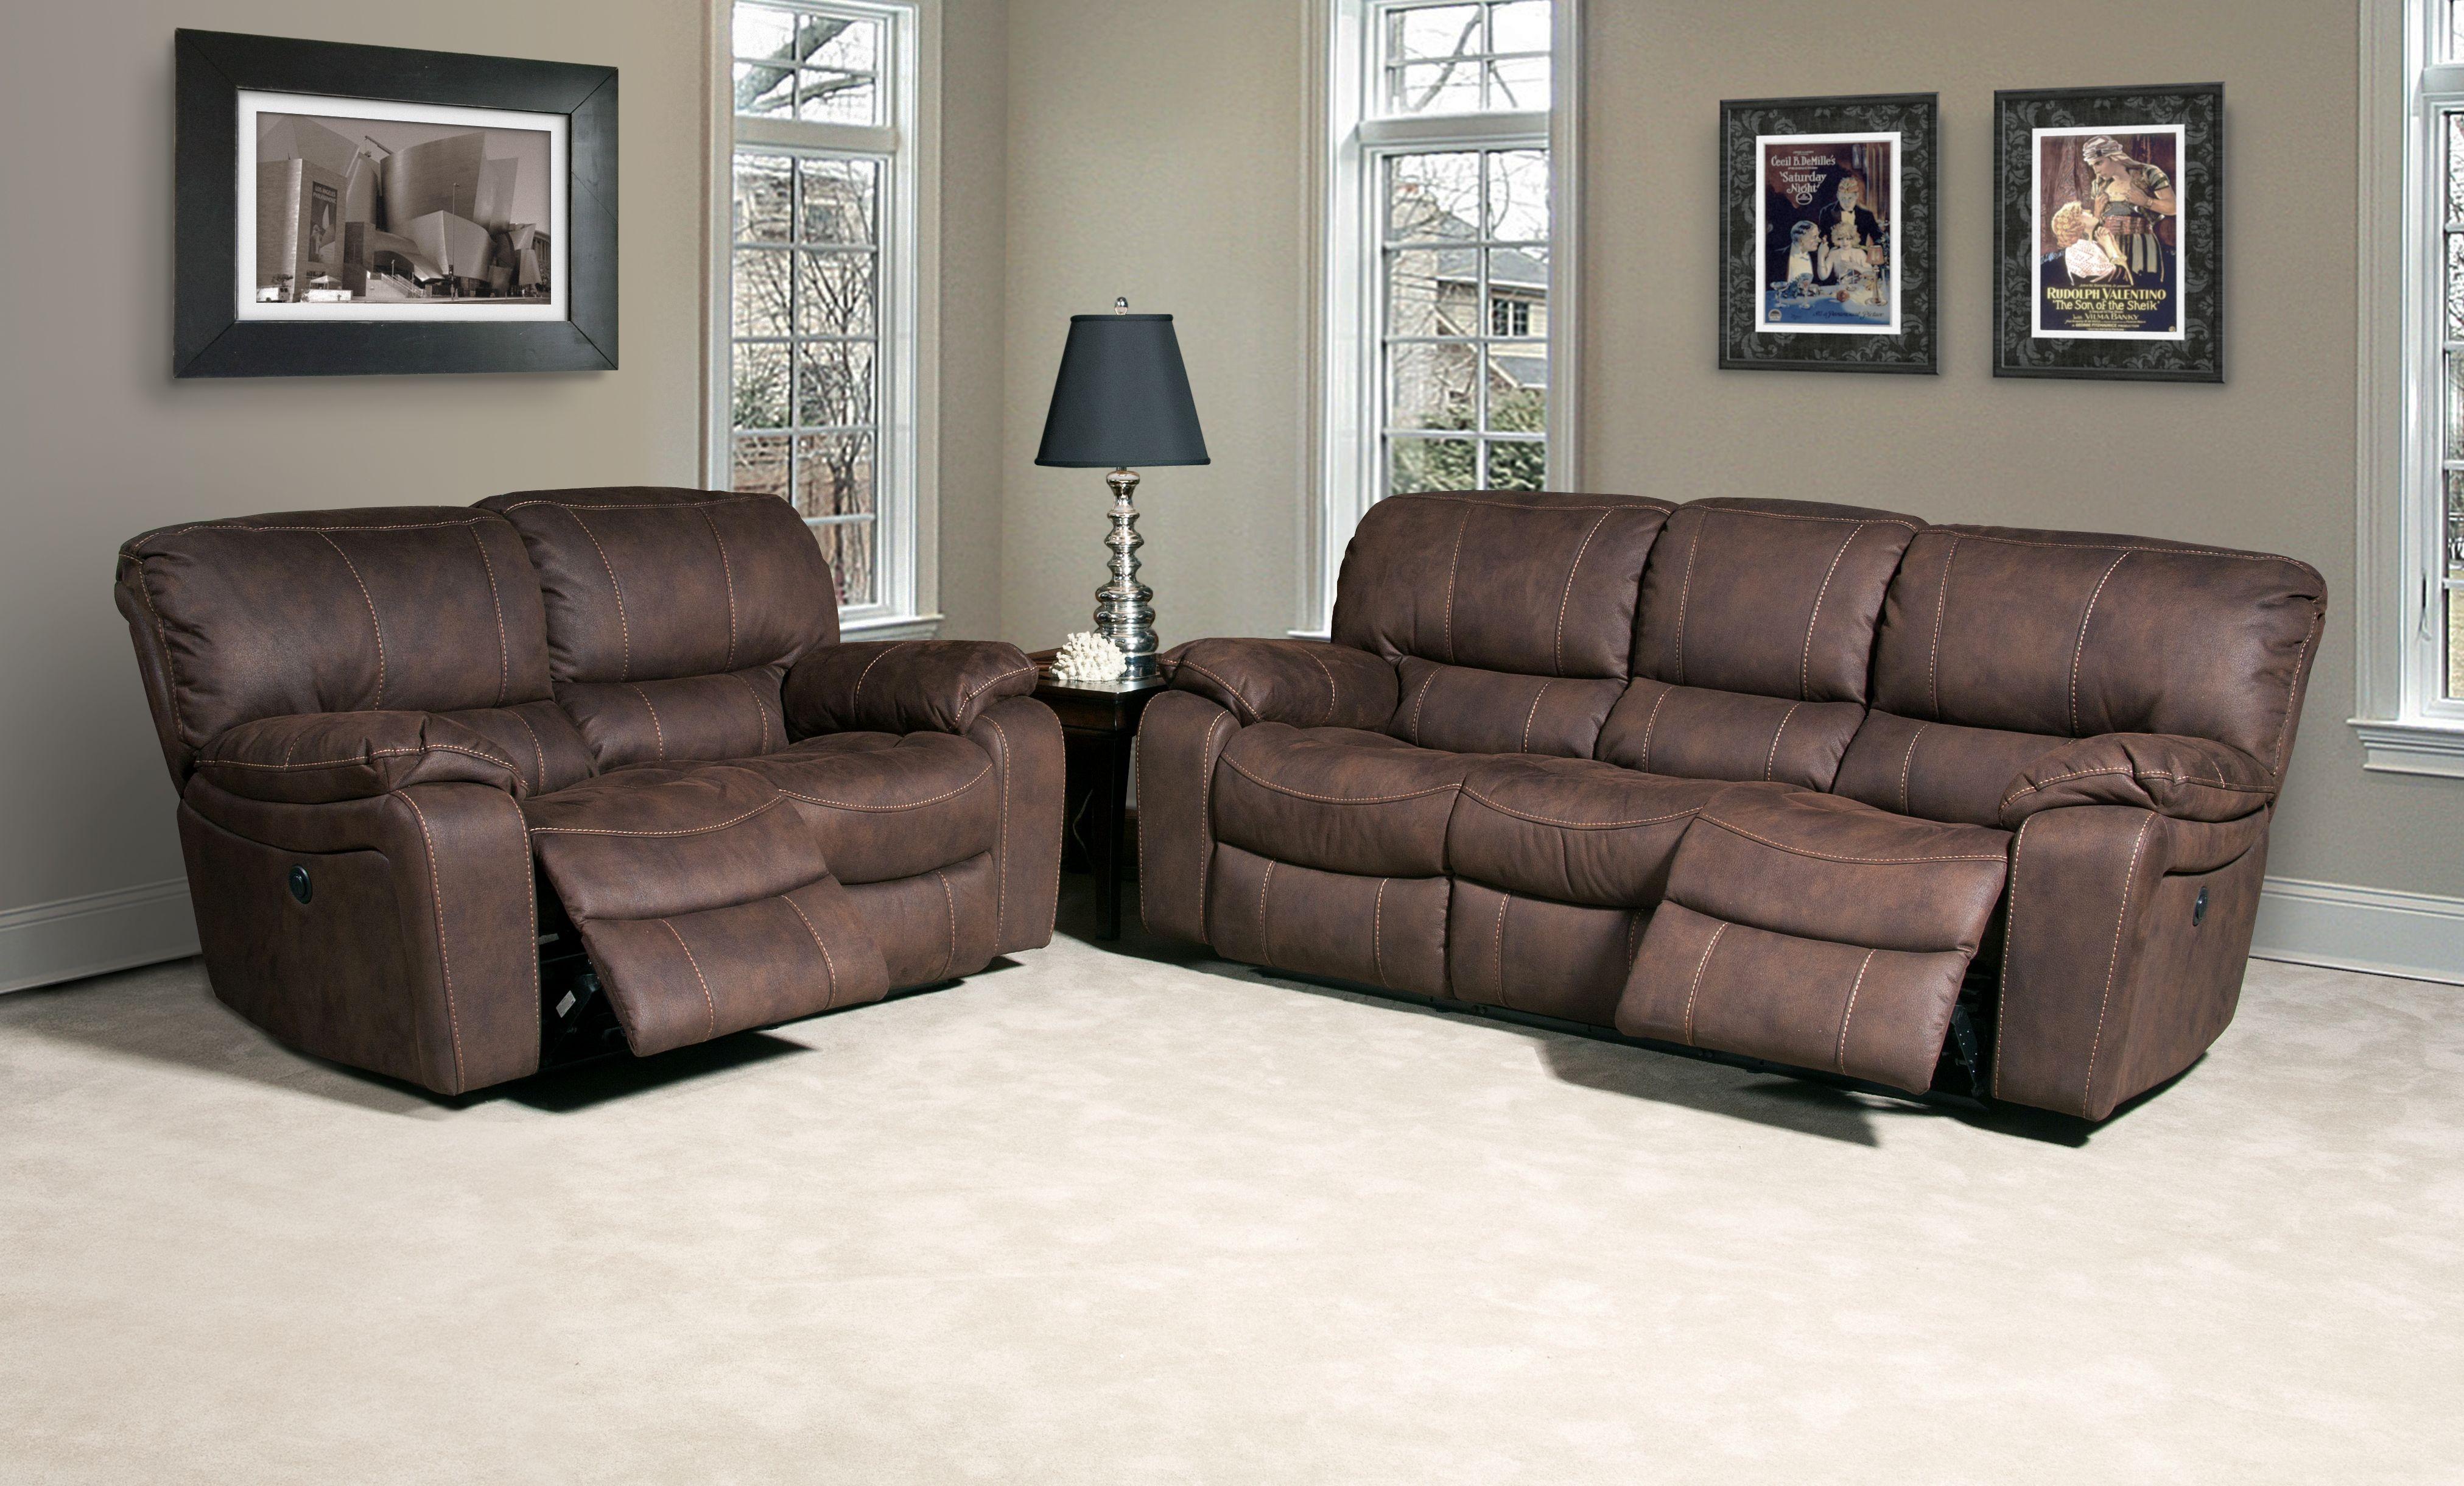 Jupiter Dark Kahlua Dual Reclining Living Room Set from